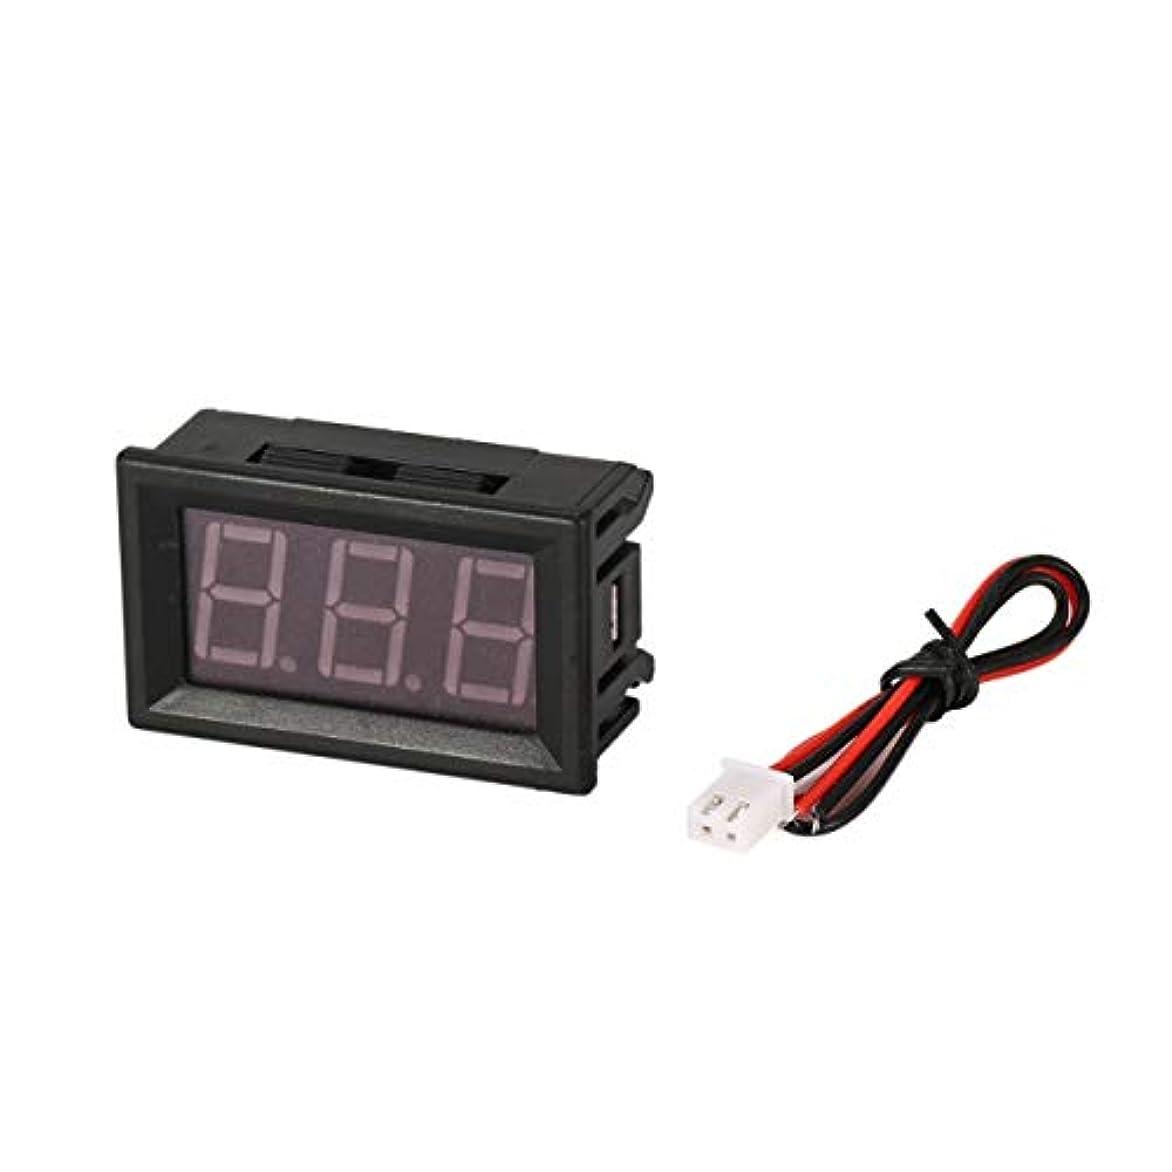 不安定バイオリン津波7-150V 0.56in 3線式LEDデジタルパネル電圧計電圧計カーボルトテスター